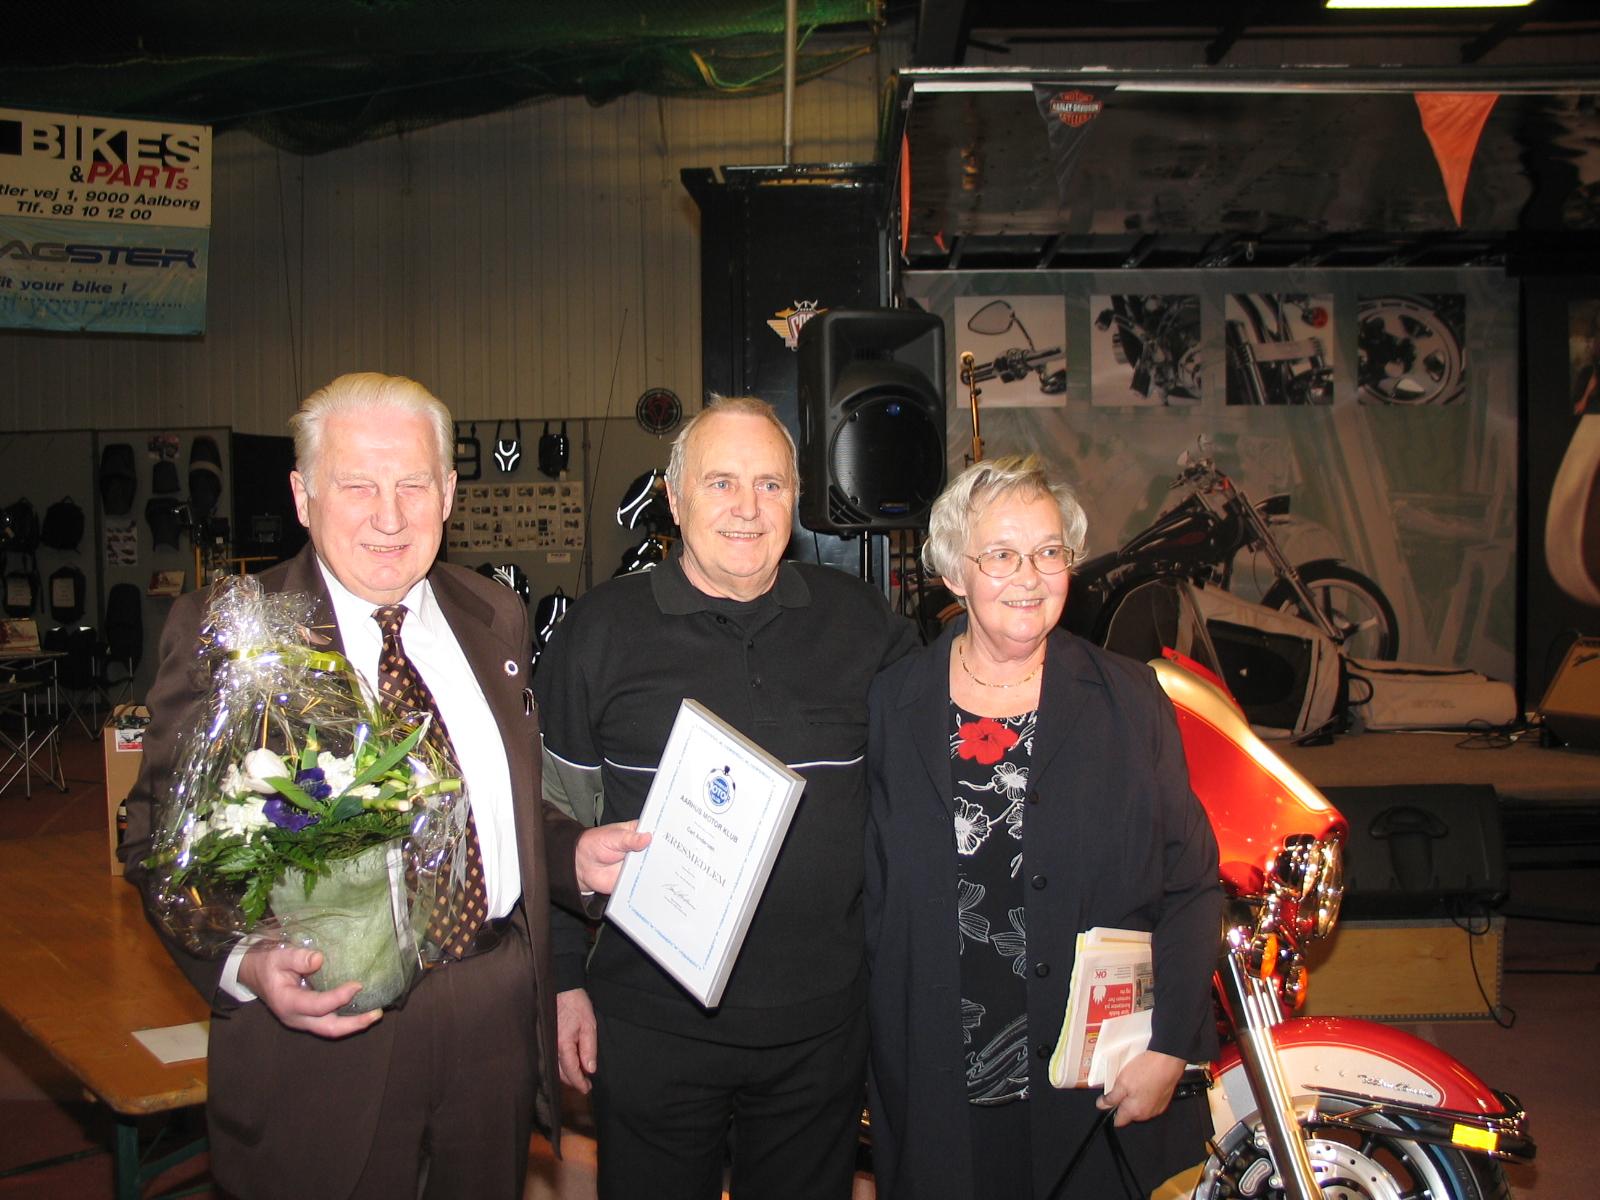 Carl, Finn Pauli og Carls kone Tove.